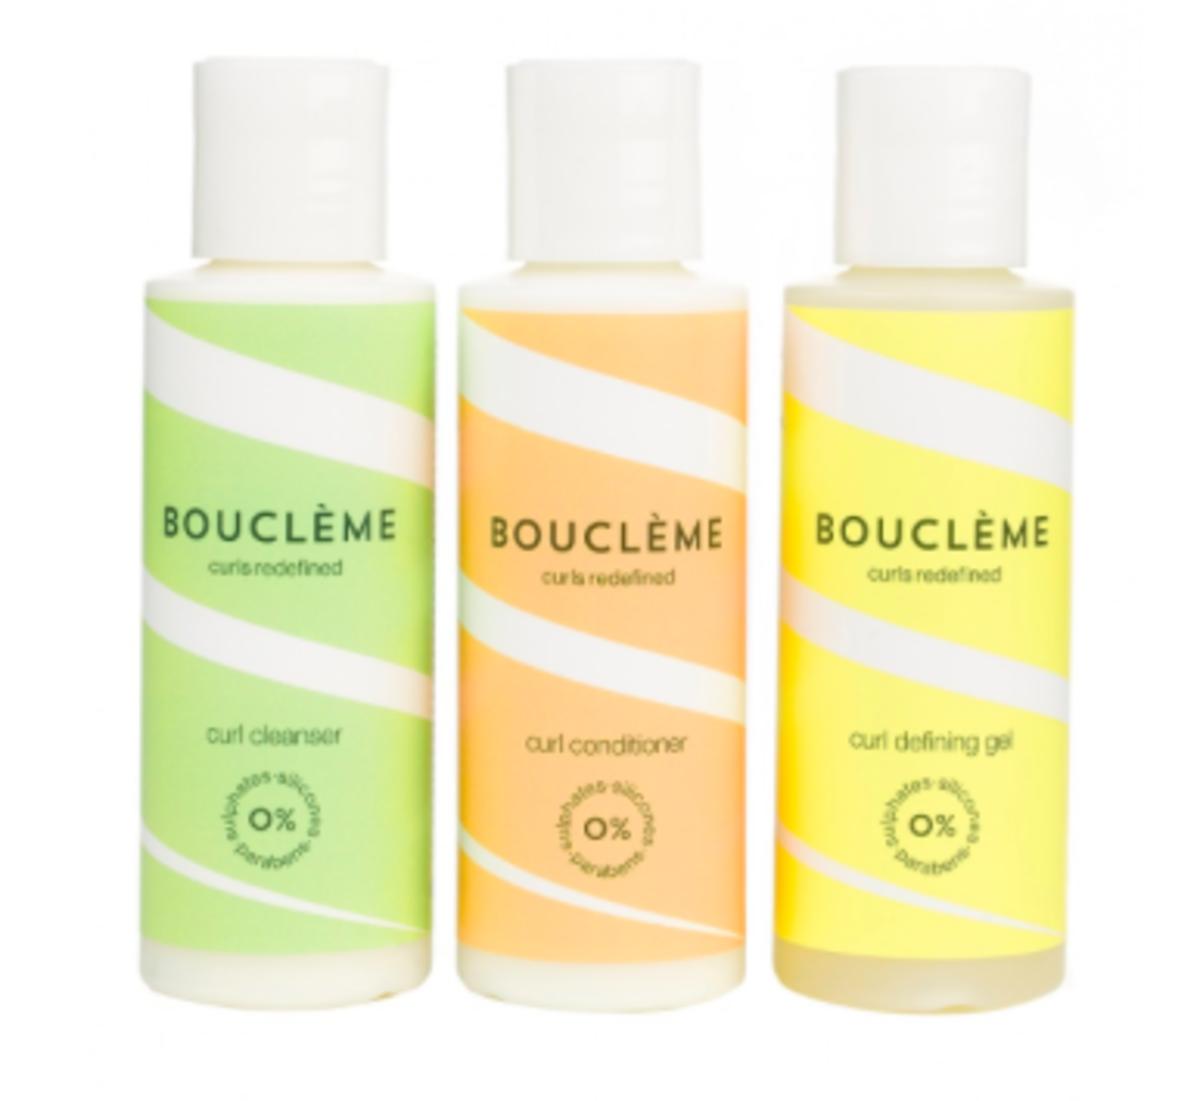 Bouclème Travel Set, $35